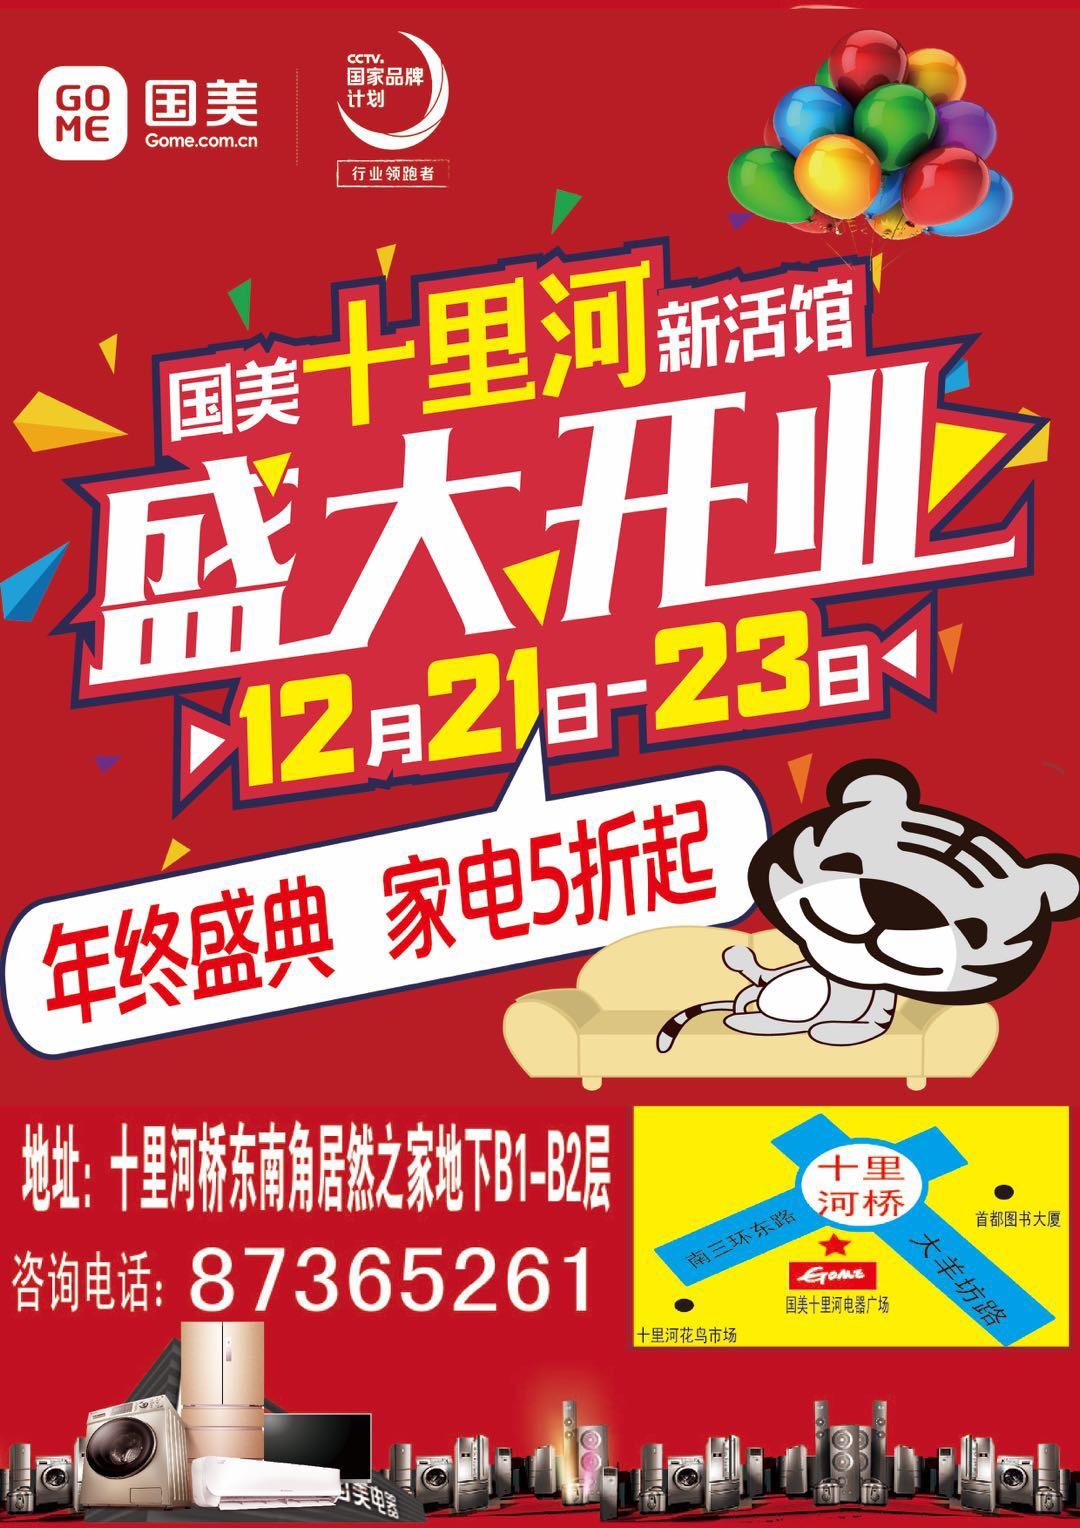 国美十里河新活馆12月21日-23日盛大开业微页模板